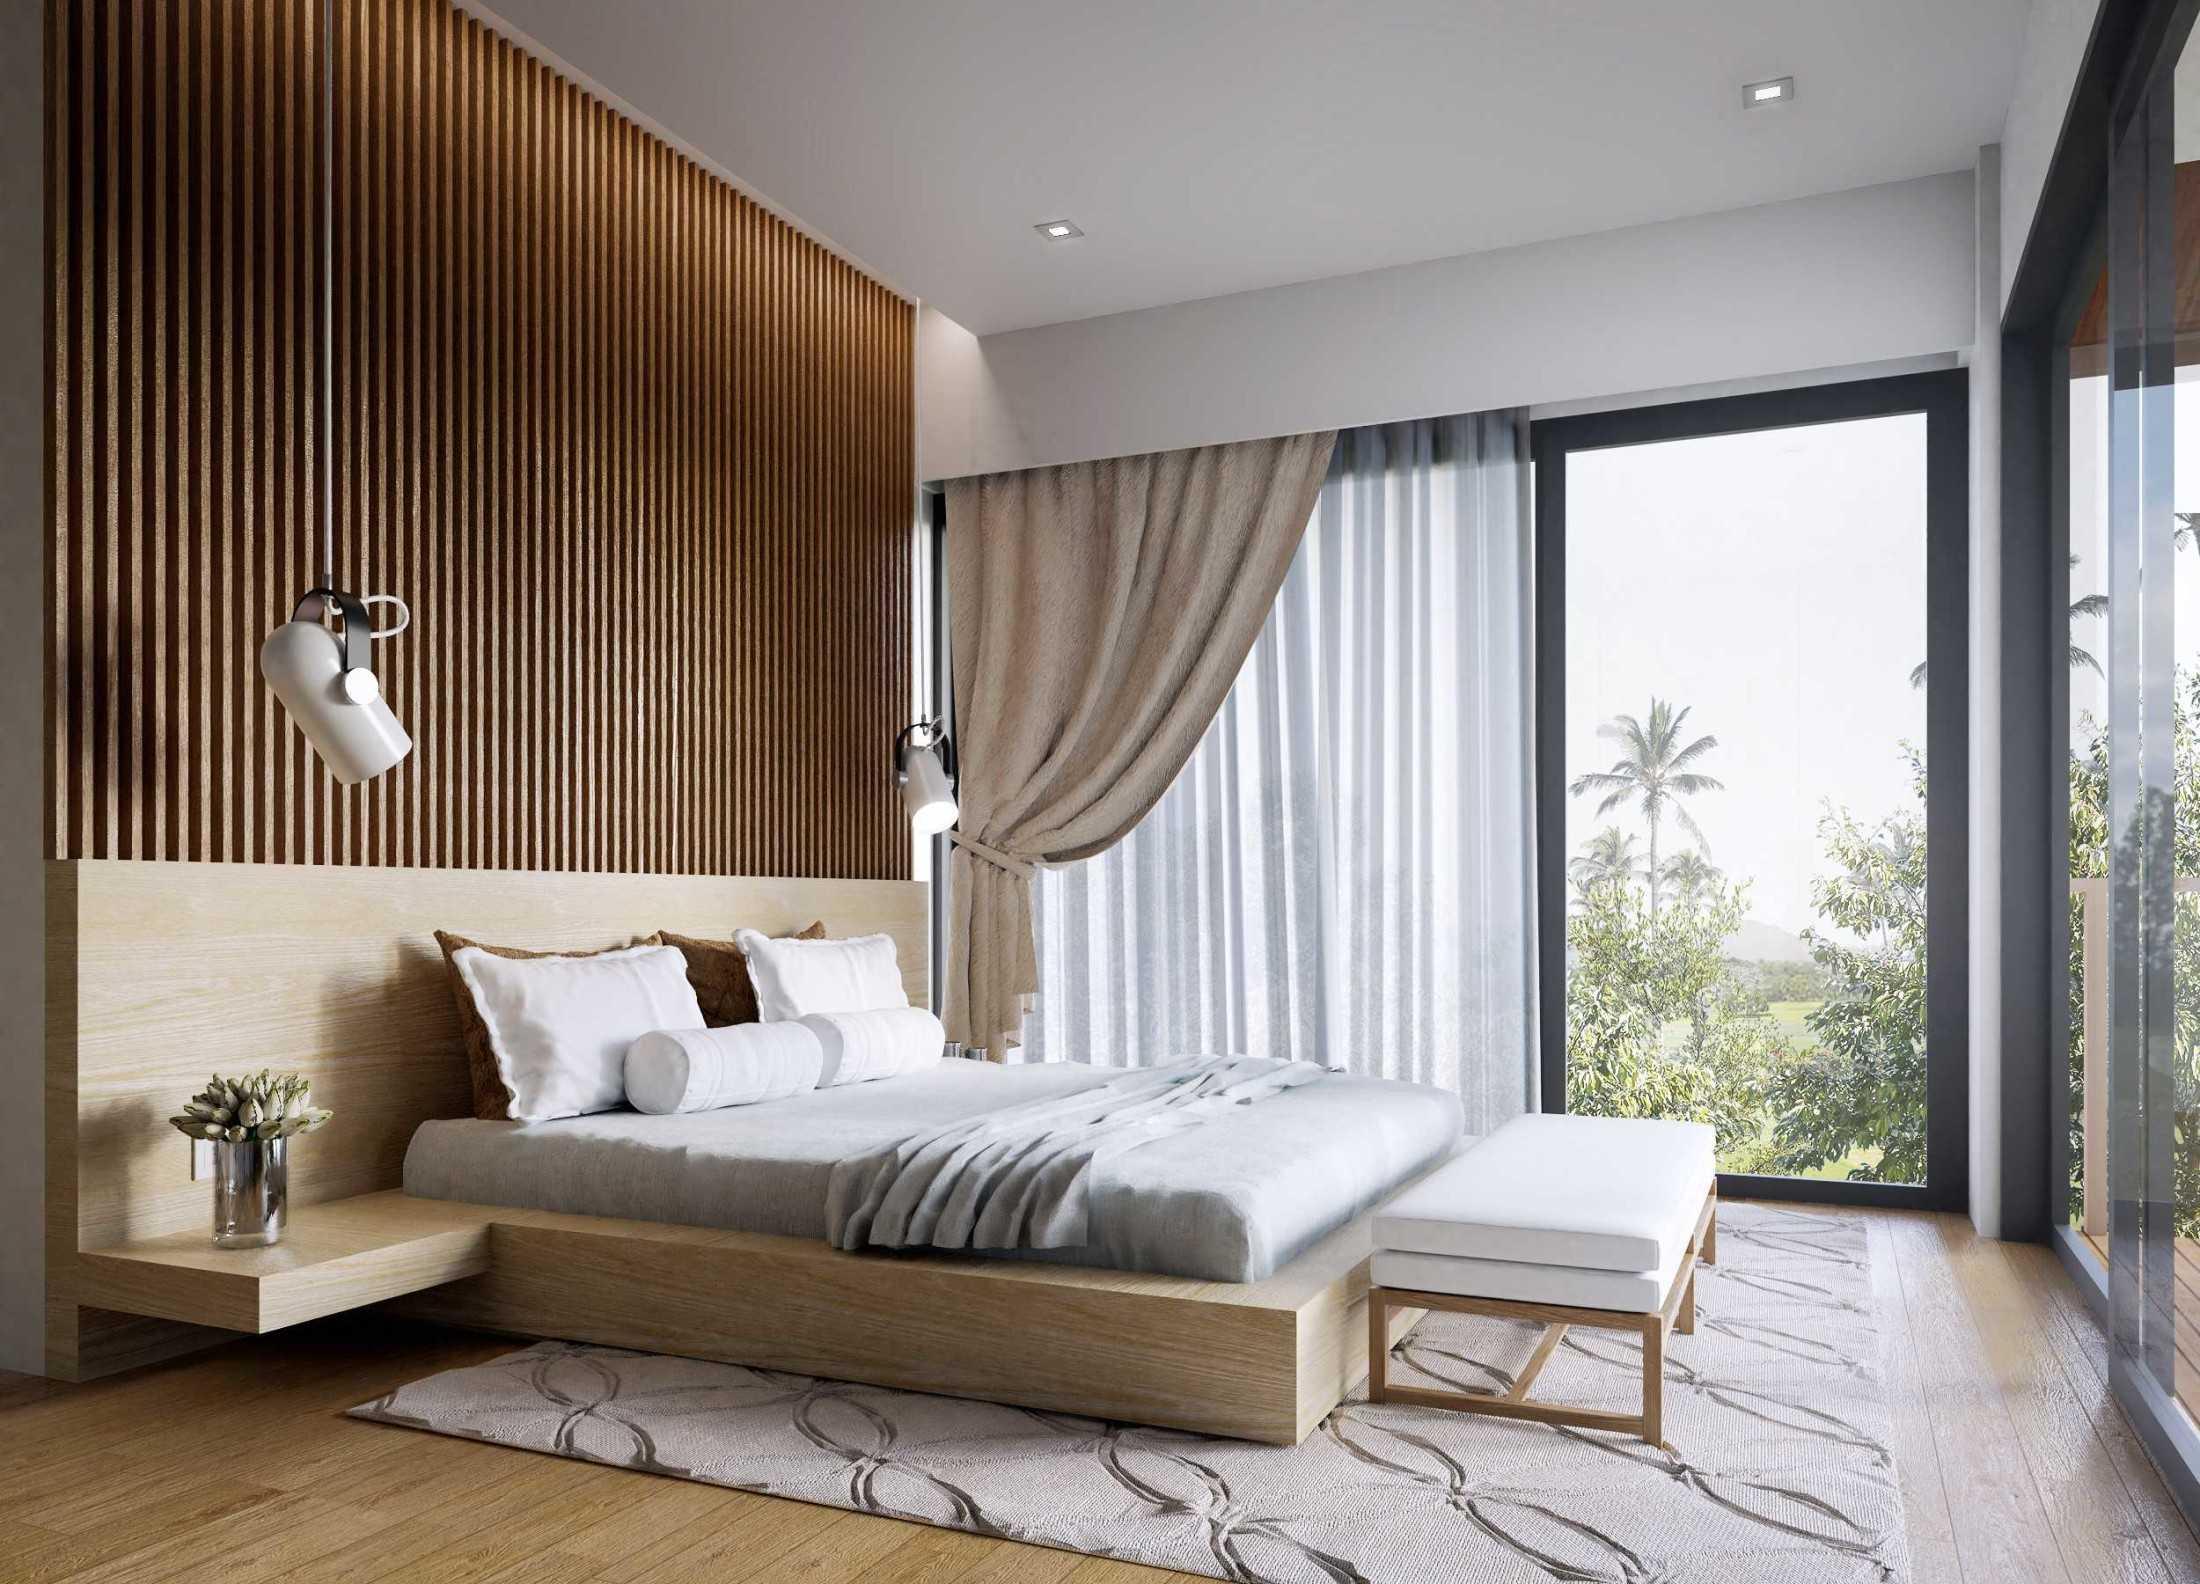 Studio Lumbung Architects Villa Poetih Pejeng, Tampaksiring, Kabupaten Gianyar, Bali, Indonesia Pejeng, Tampaksiring, Kabupaten Gianyar, Bali, Indonesia Studio-Lumbung-Architects-Villa-Poetih  78849